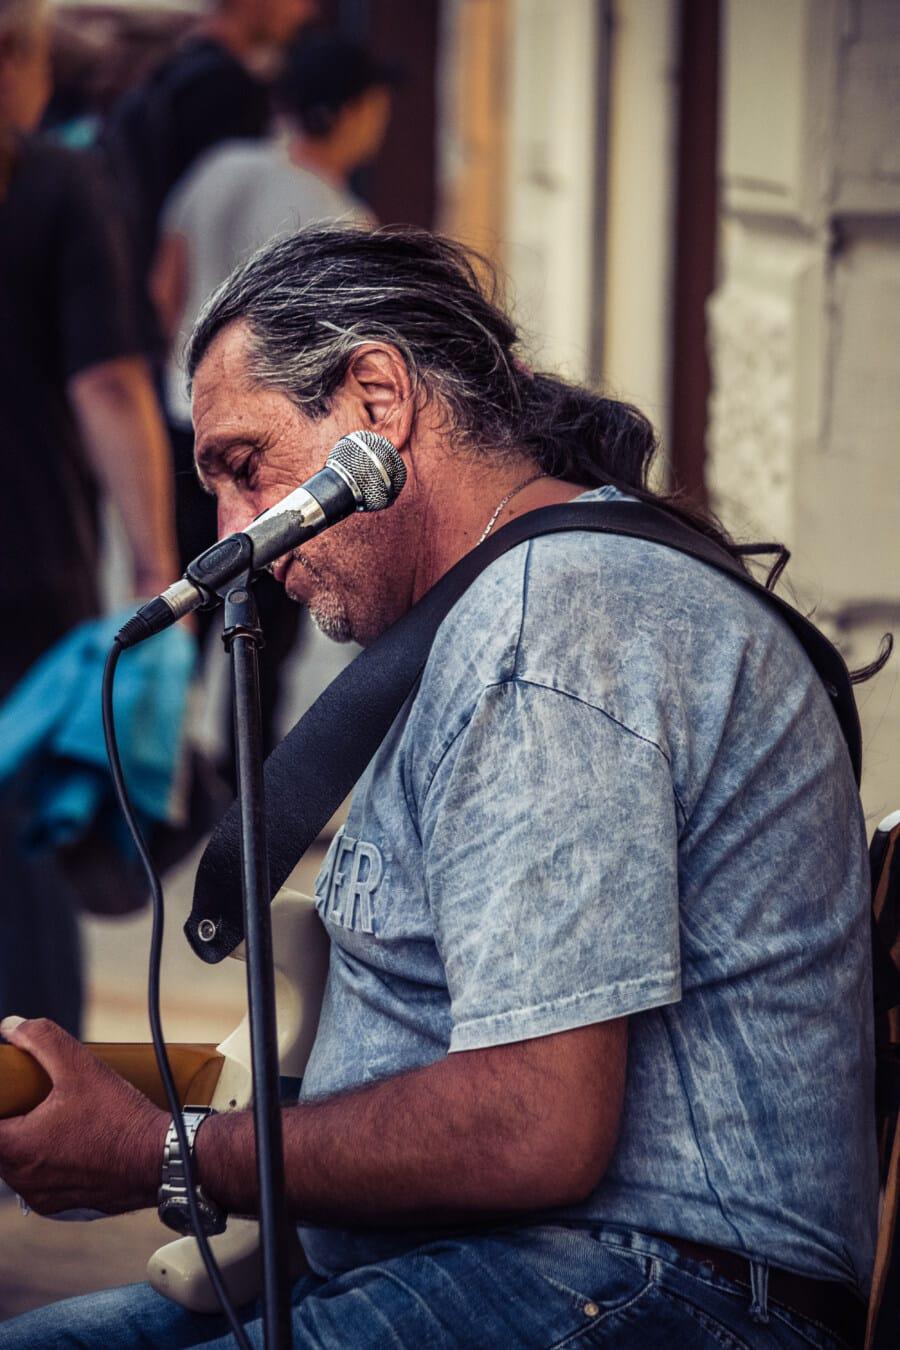 китарист, изпълнител, лице, производителност, музикант, мъж, музика, певица, концерт, фестивал